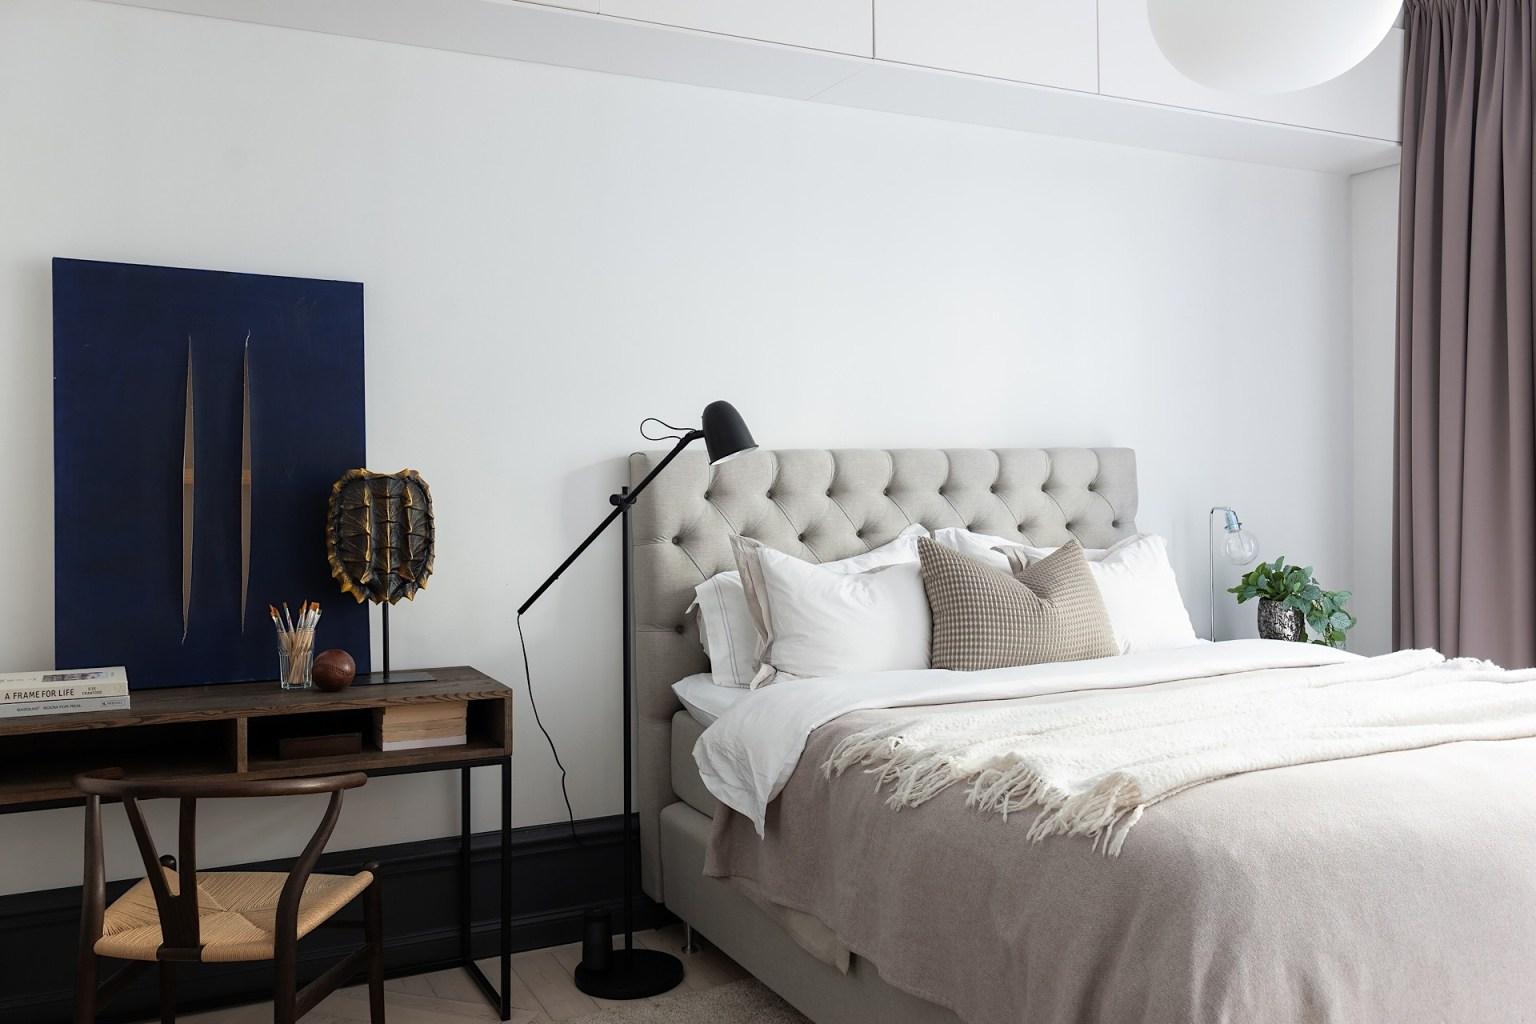 Giường ngủ đặt song song với khung cửa sổ, bên cạnh là bàn làm việc